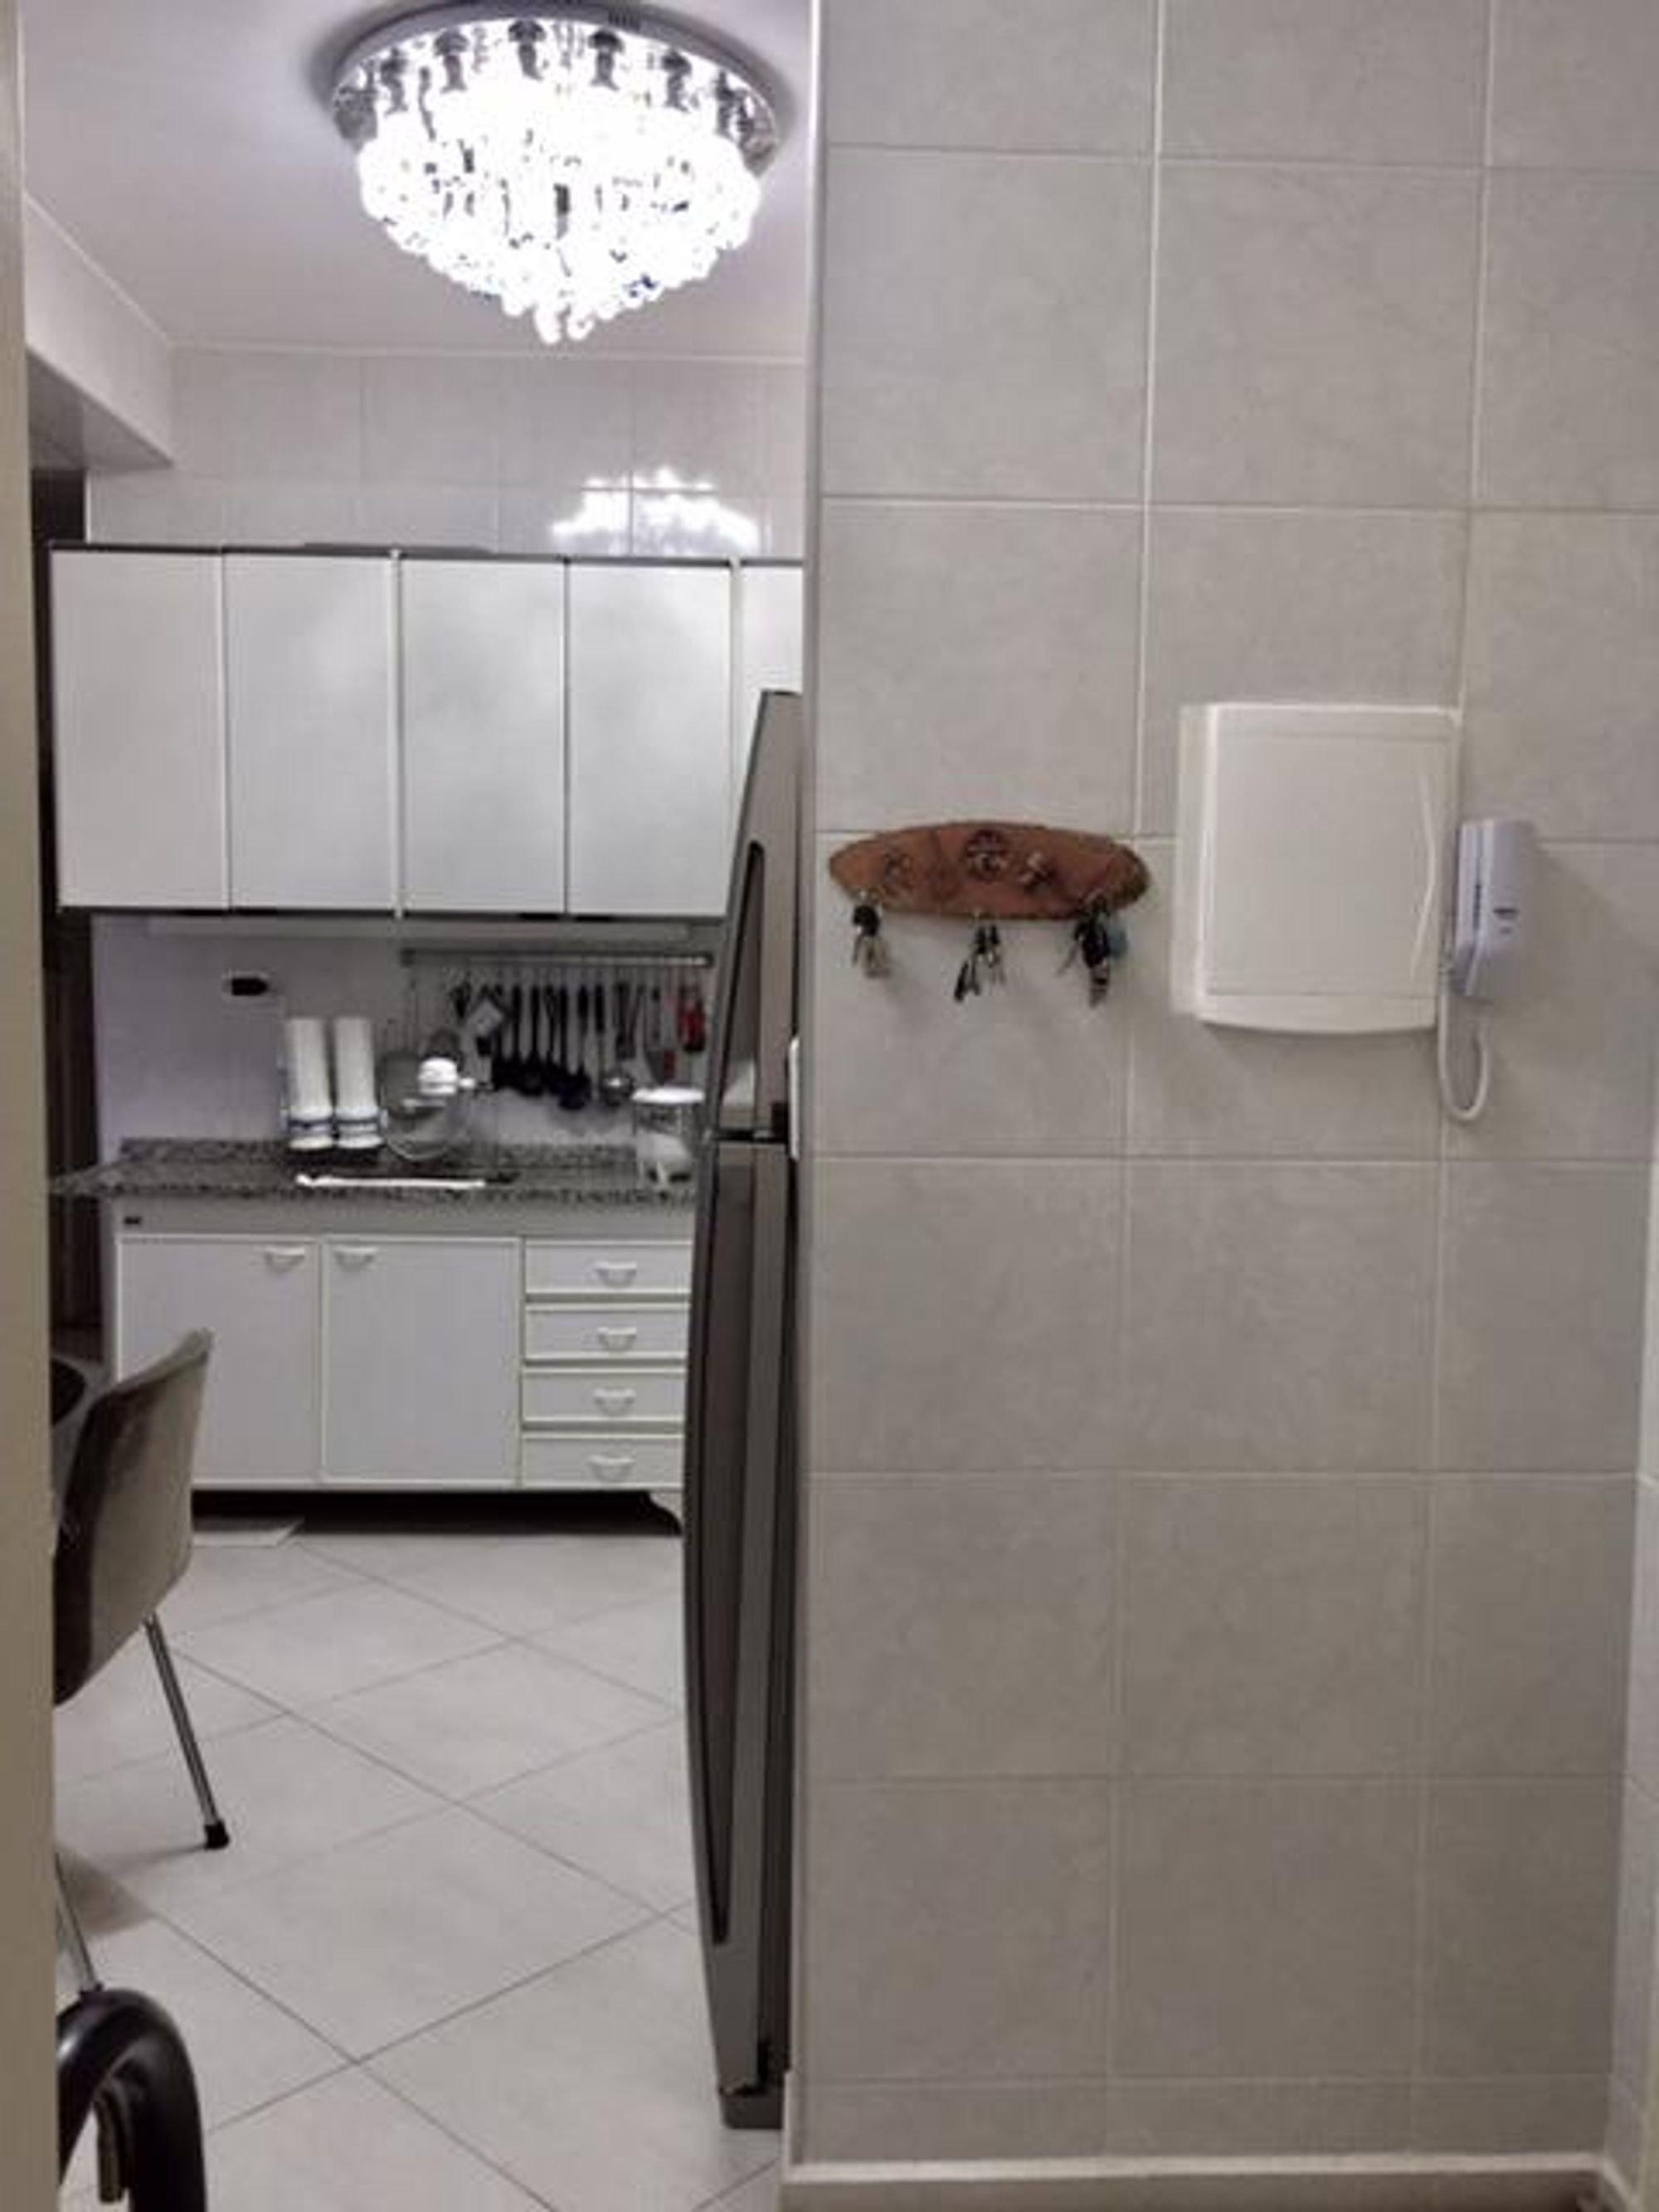 Foto de Cozinha com cadeira